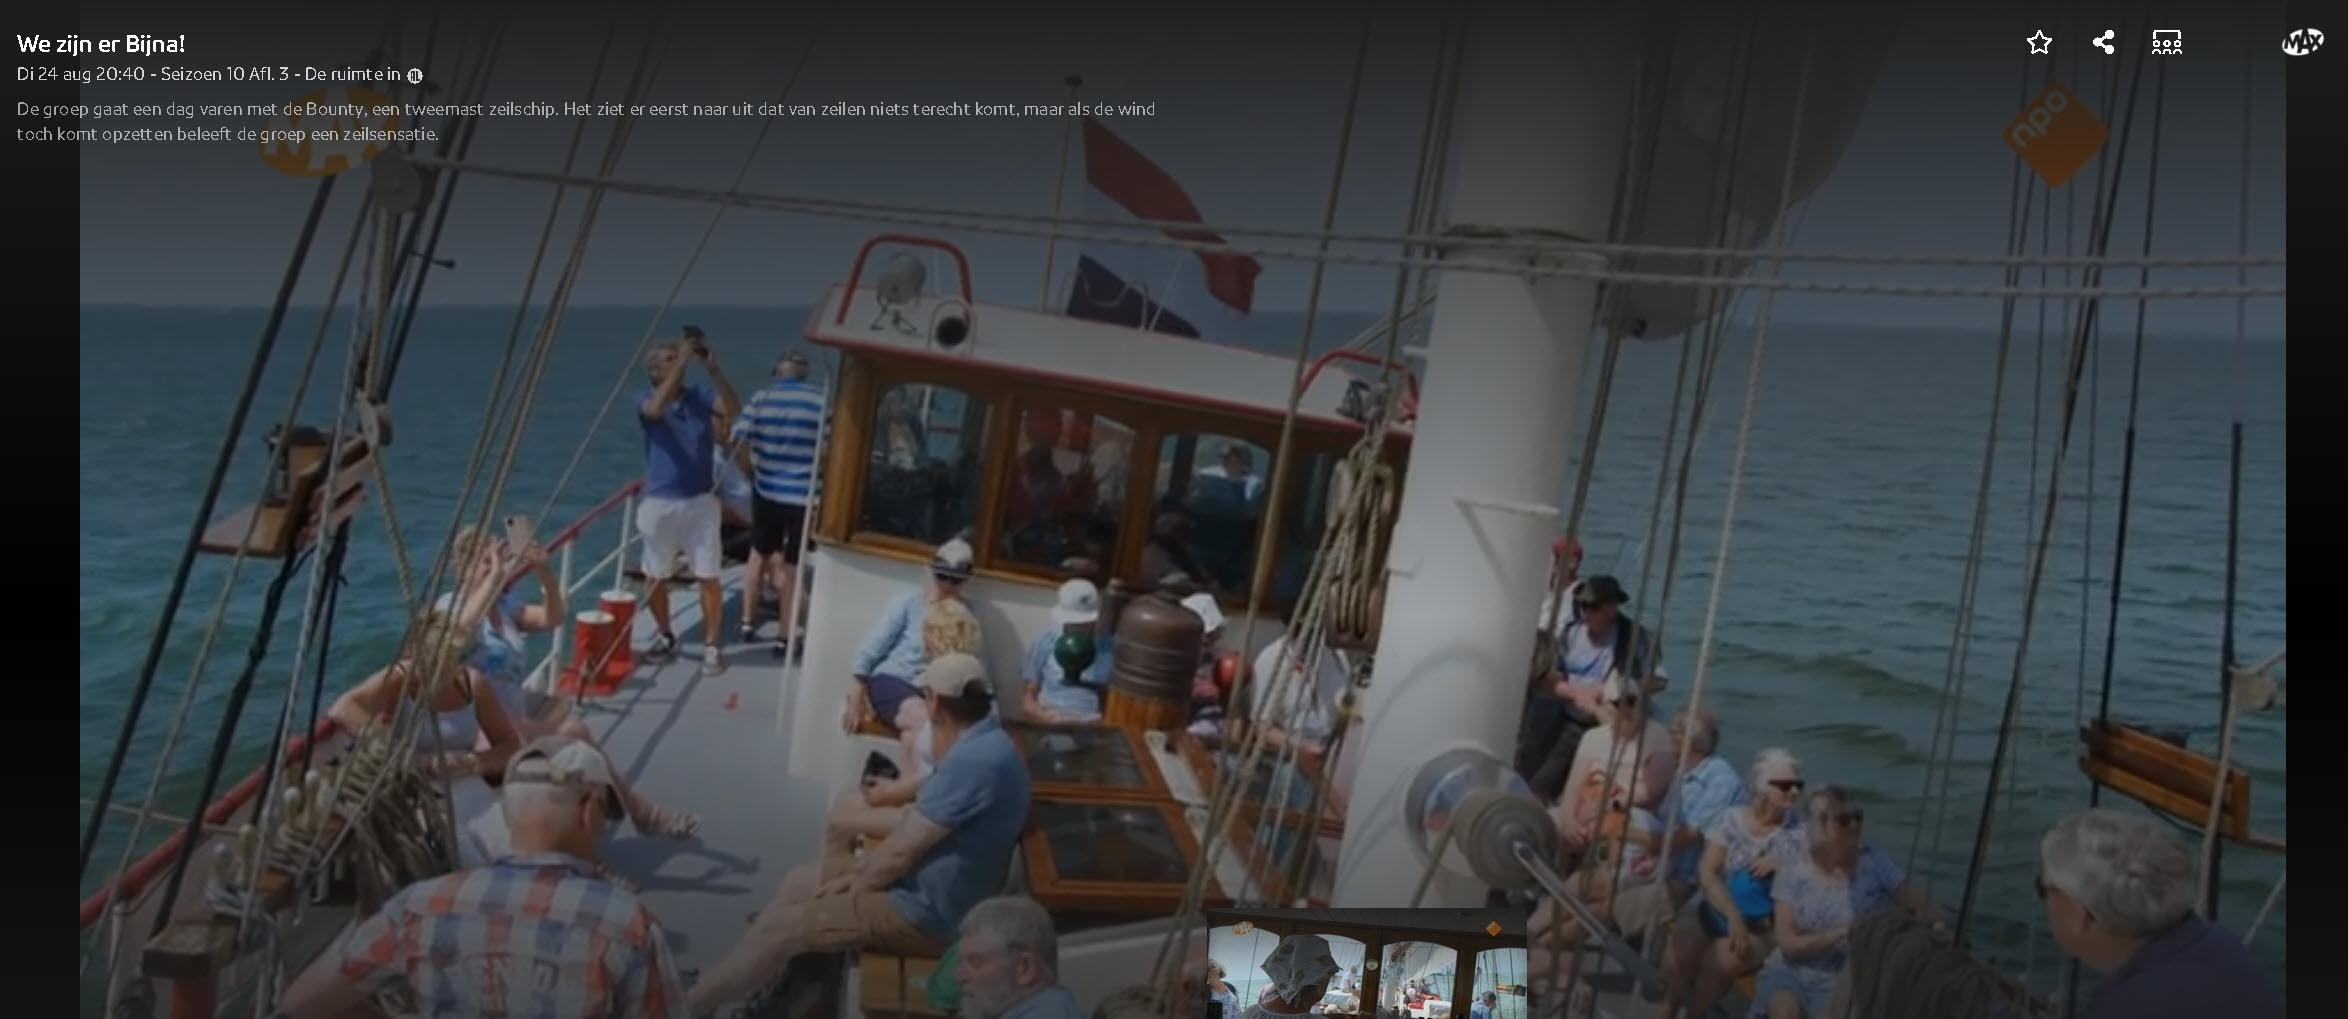 TV-uitzending-zeilschip-Bounty-We-zijn-er-bijna-8